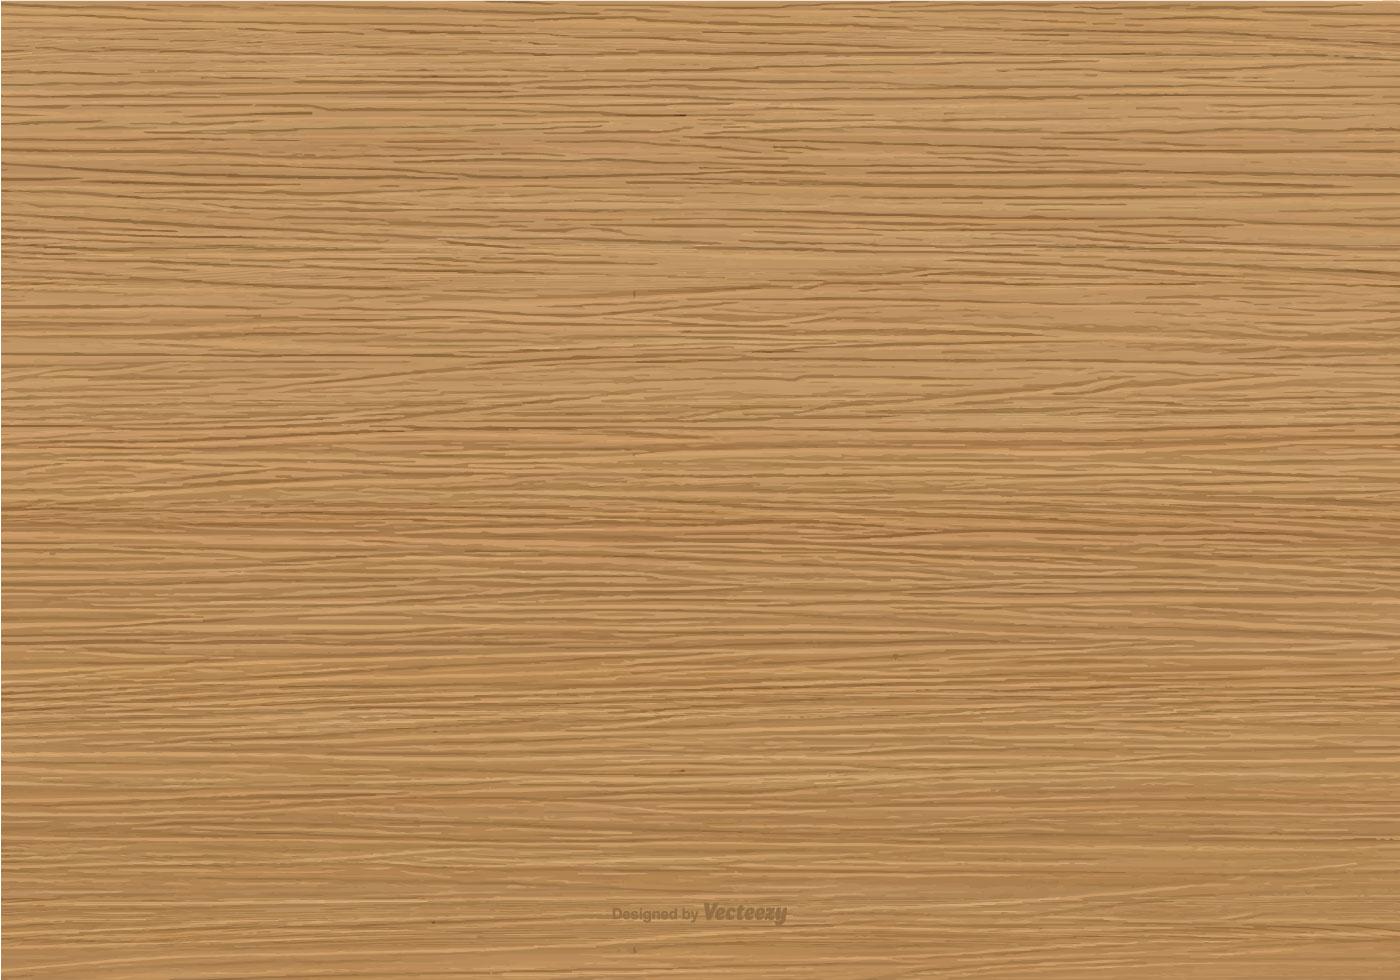 بالصور خلفيات خشب , اجمل الصور والخلفيات الخشبية 6120 7